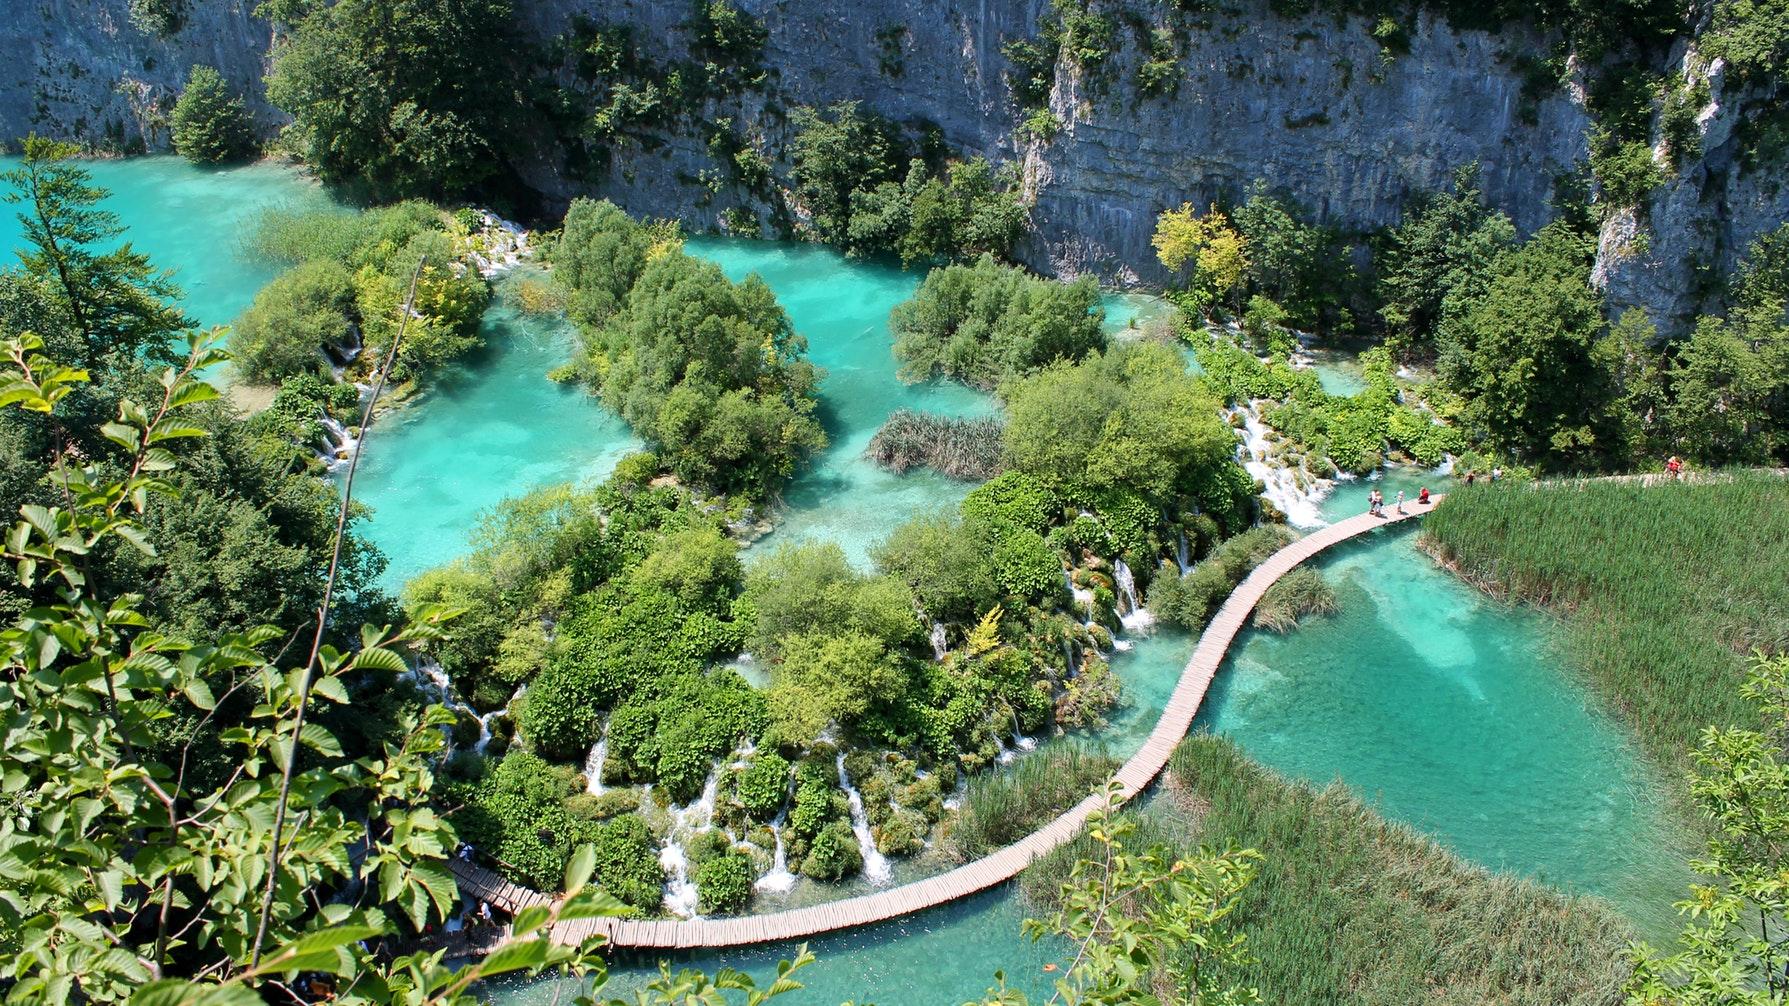 eilandhoppen campingvakantie kroatie